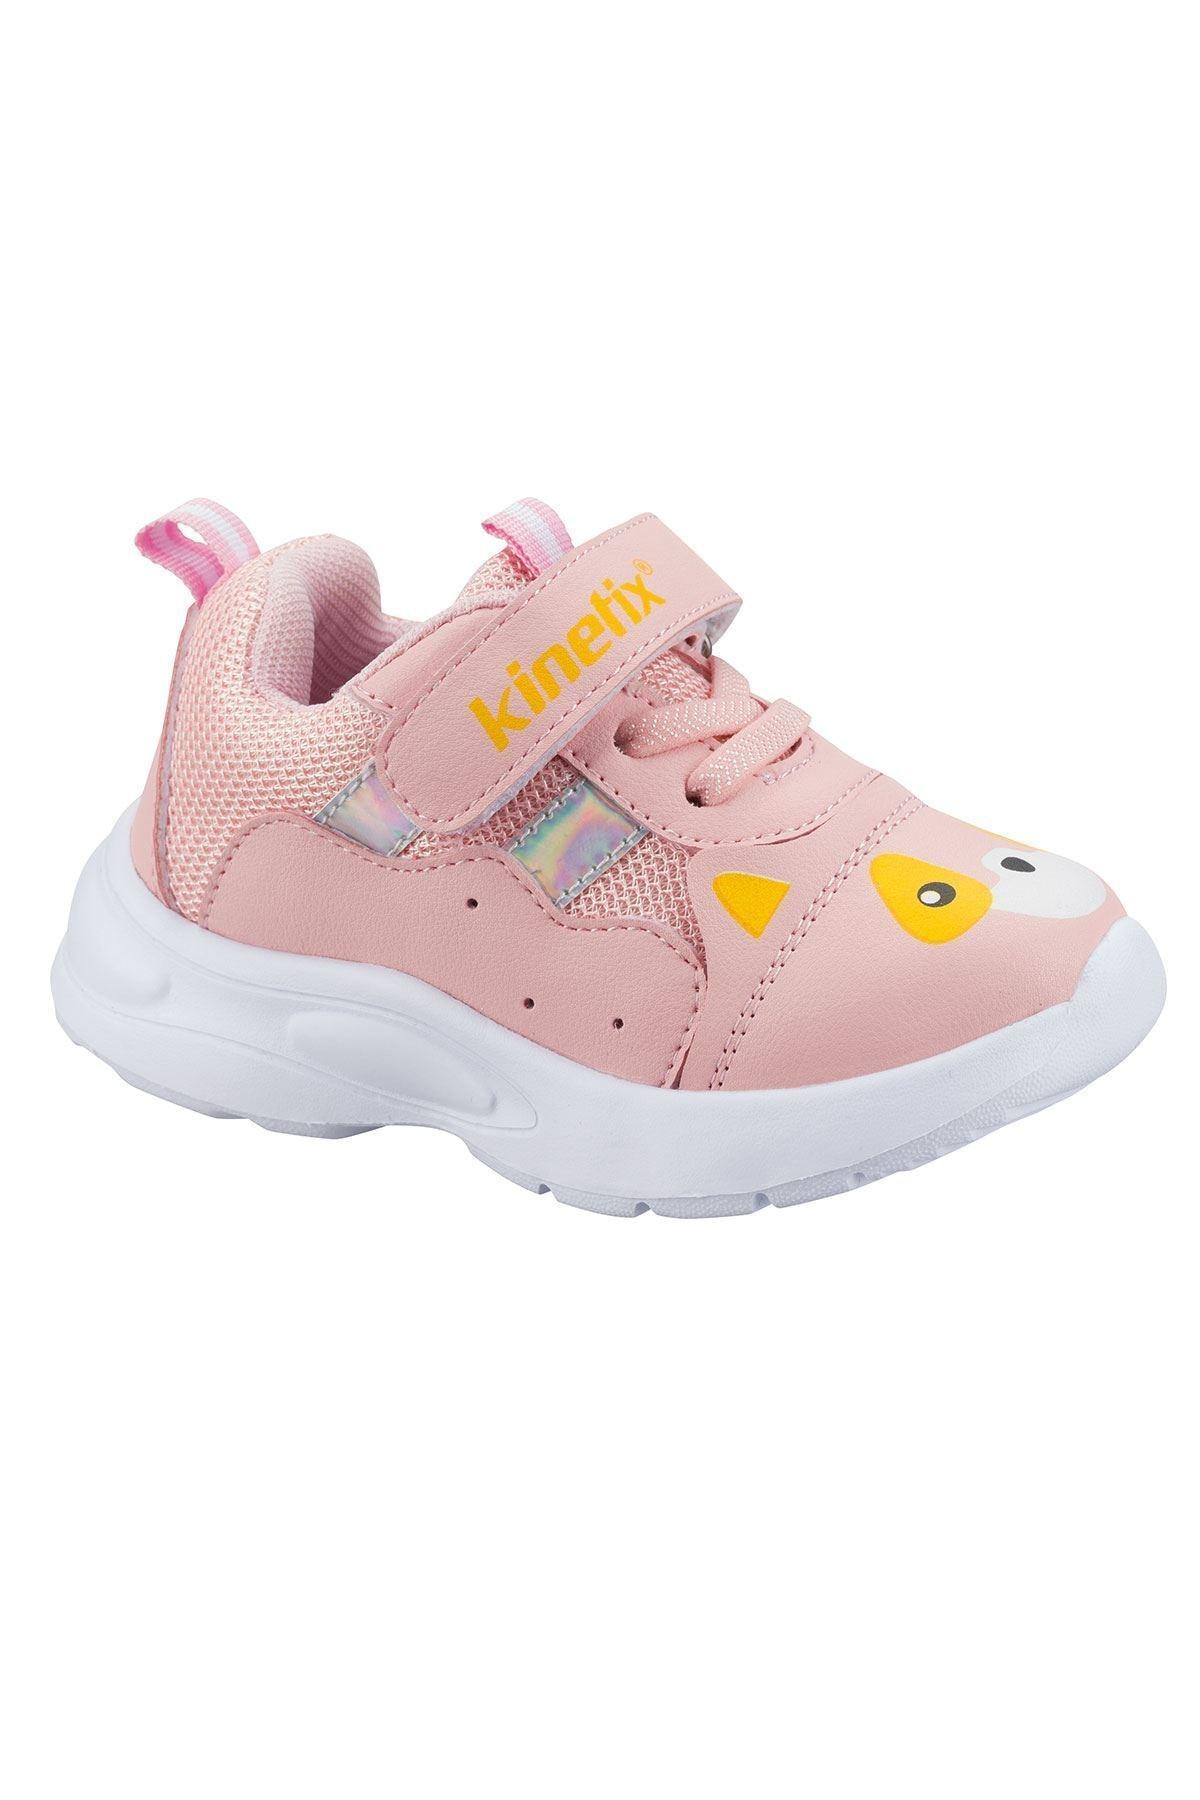 Kinetix TOYZ 1FX Pembe Kız Çocuk Spor Ayakkabı 100606316 1